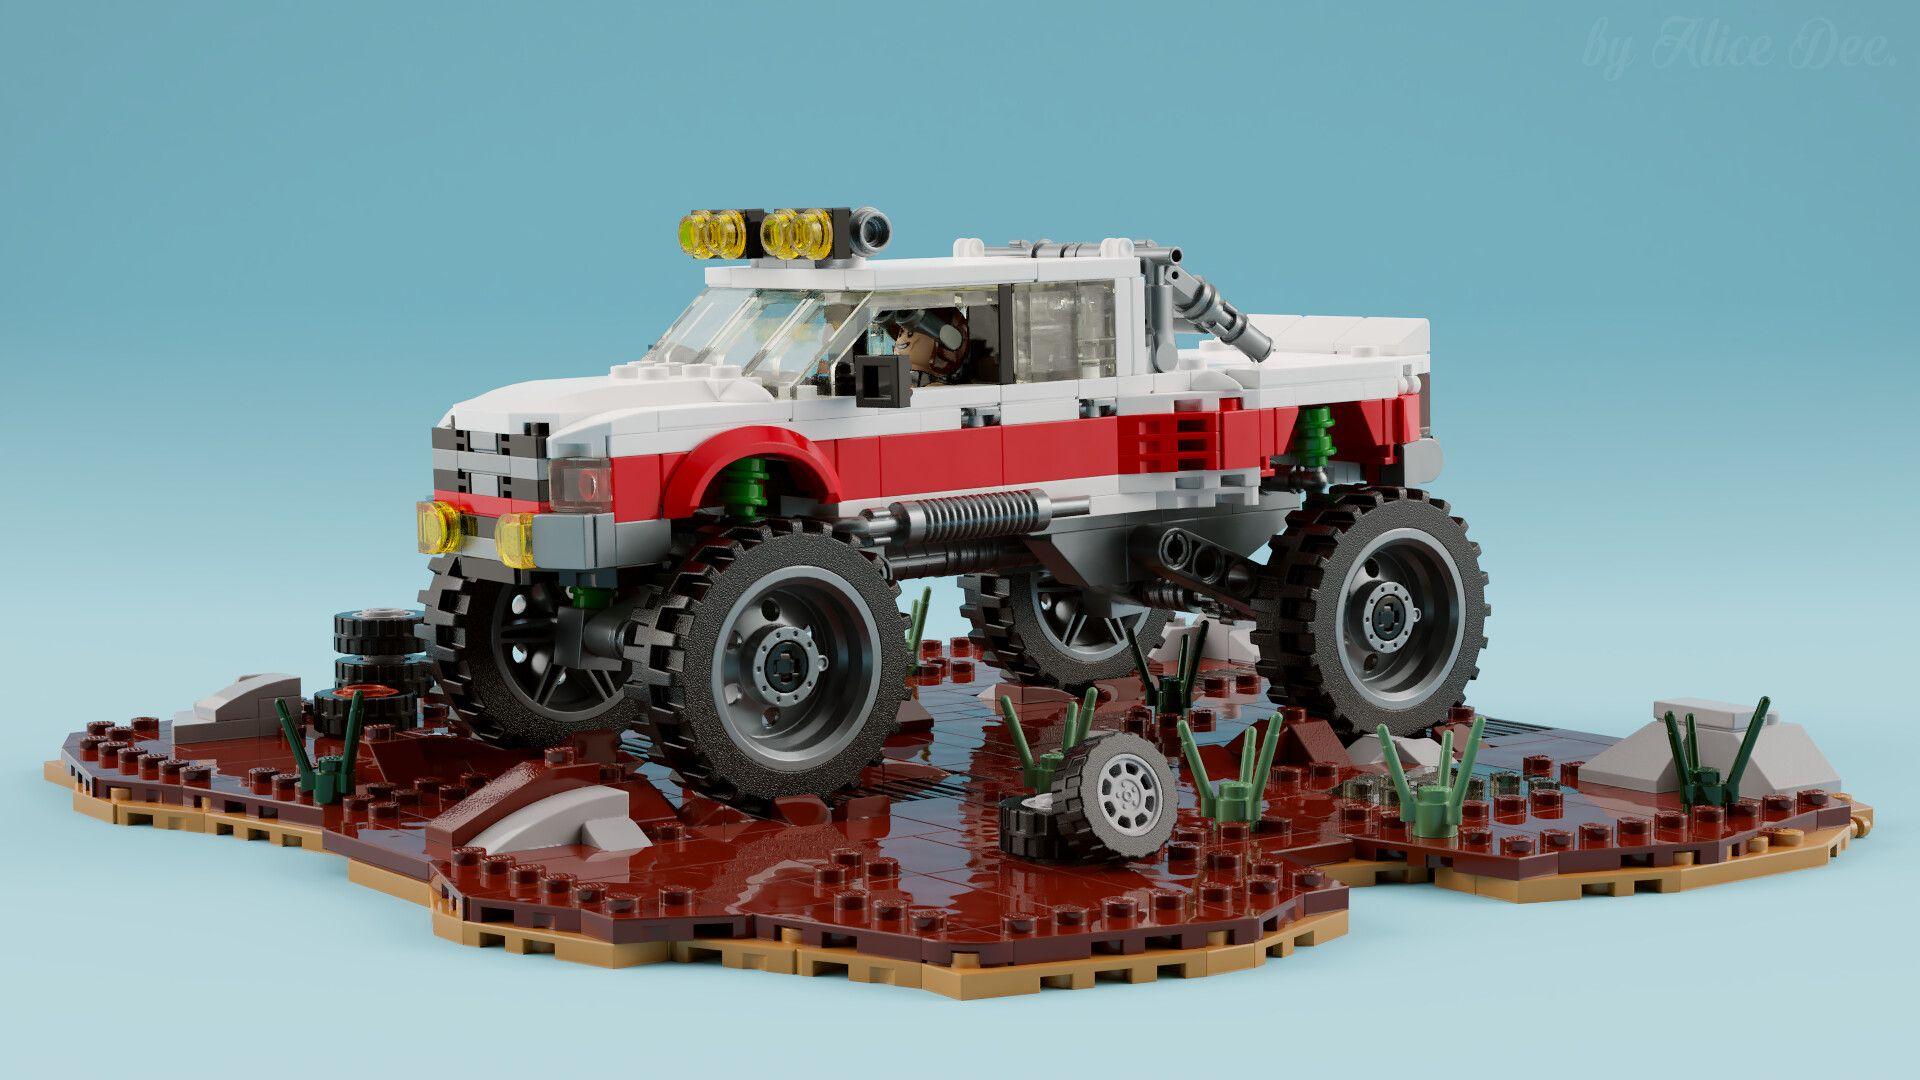 Dodge Ram 3500 Crew Cab Monster Truck Main Monster Trucks Lego Cars Lego Truck Dodge cummins truck wallpaper image 215